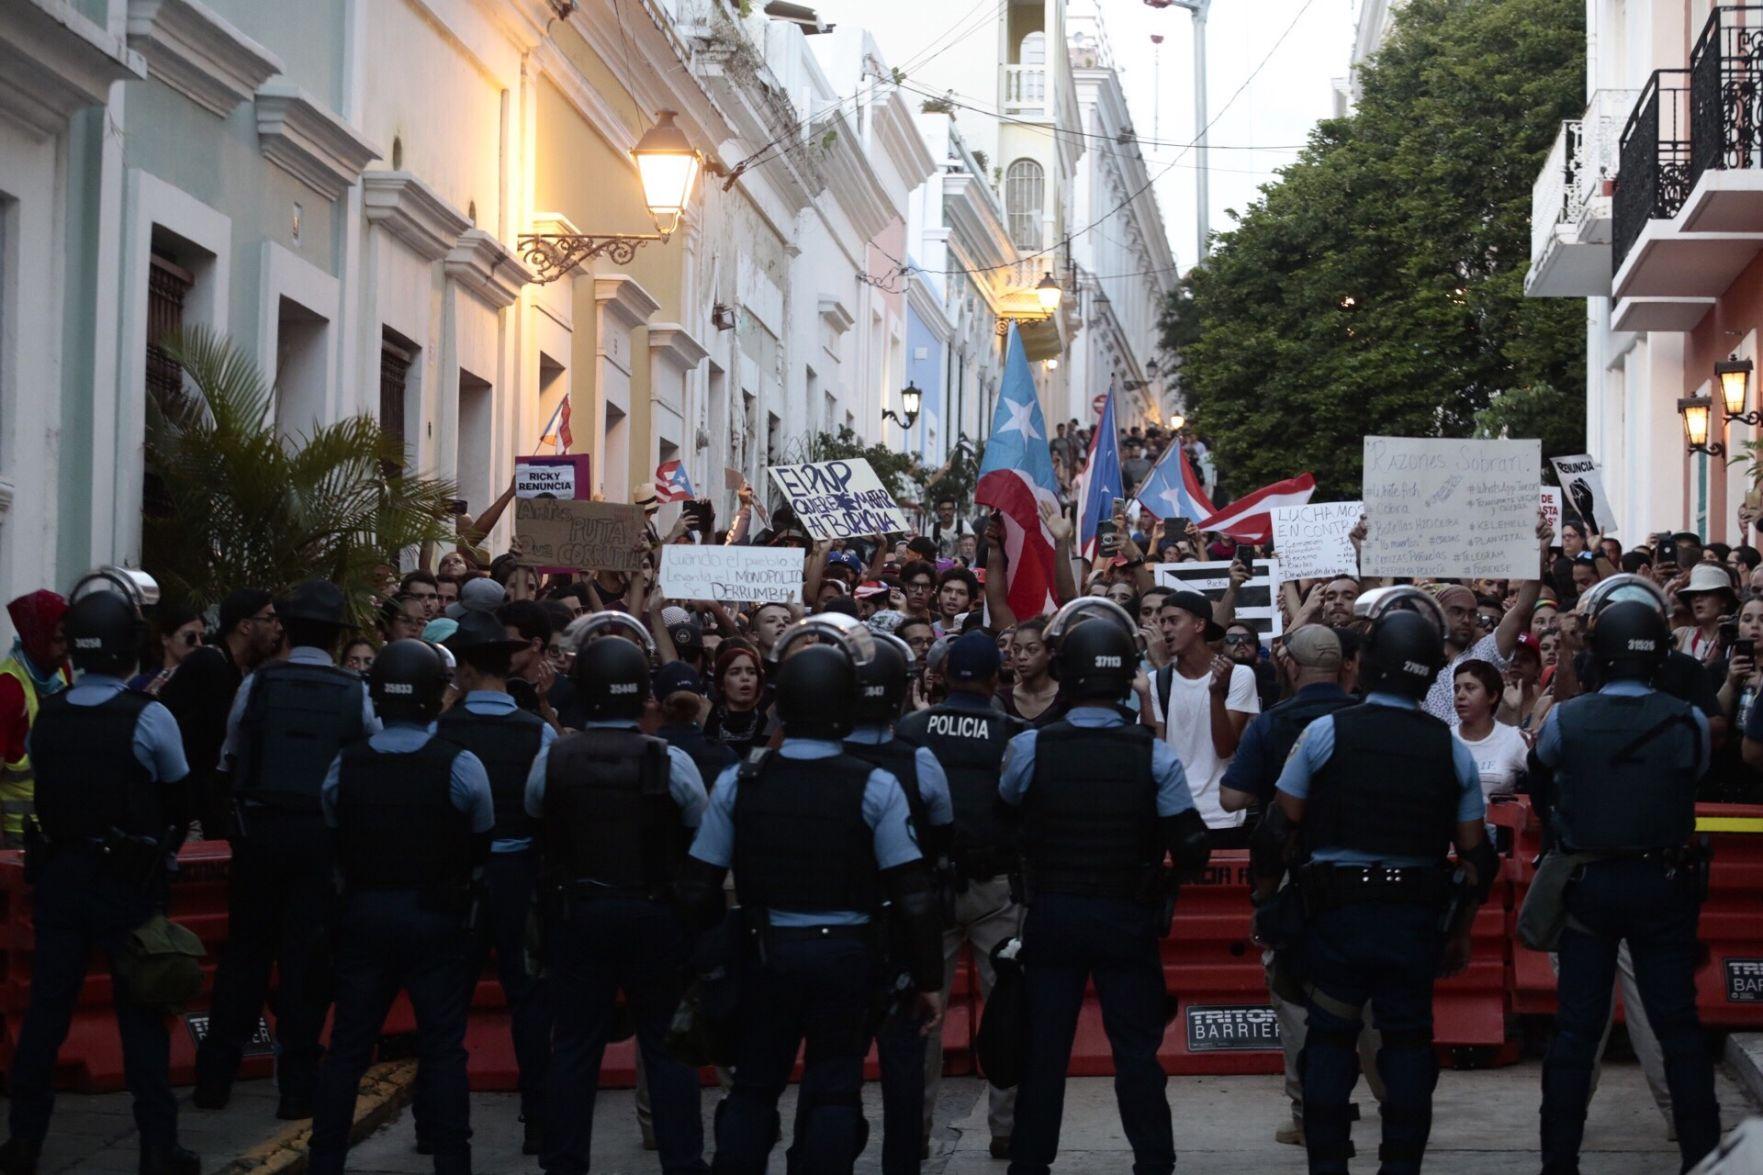 Identifican a dos arrestados en manifestaciones